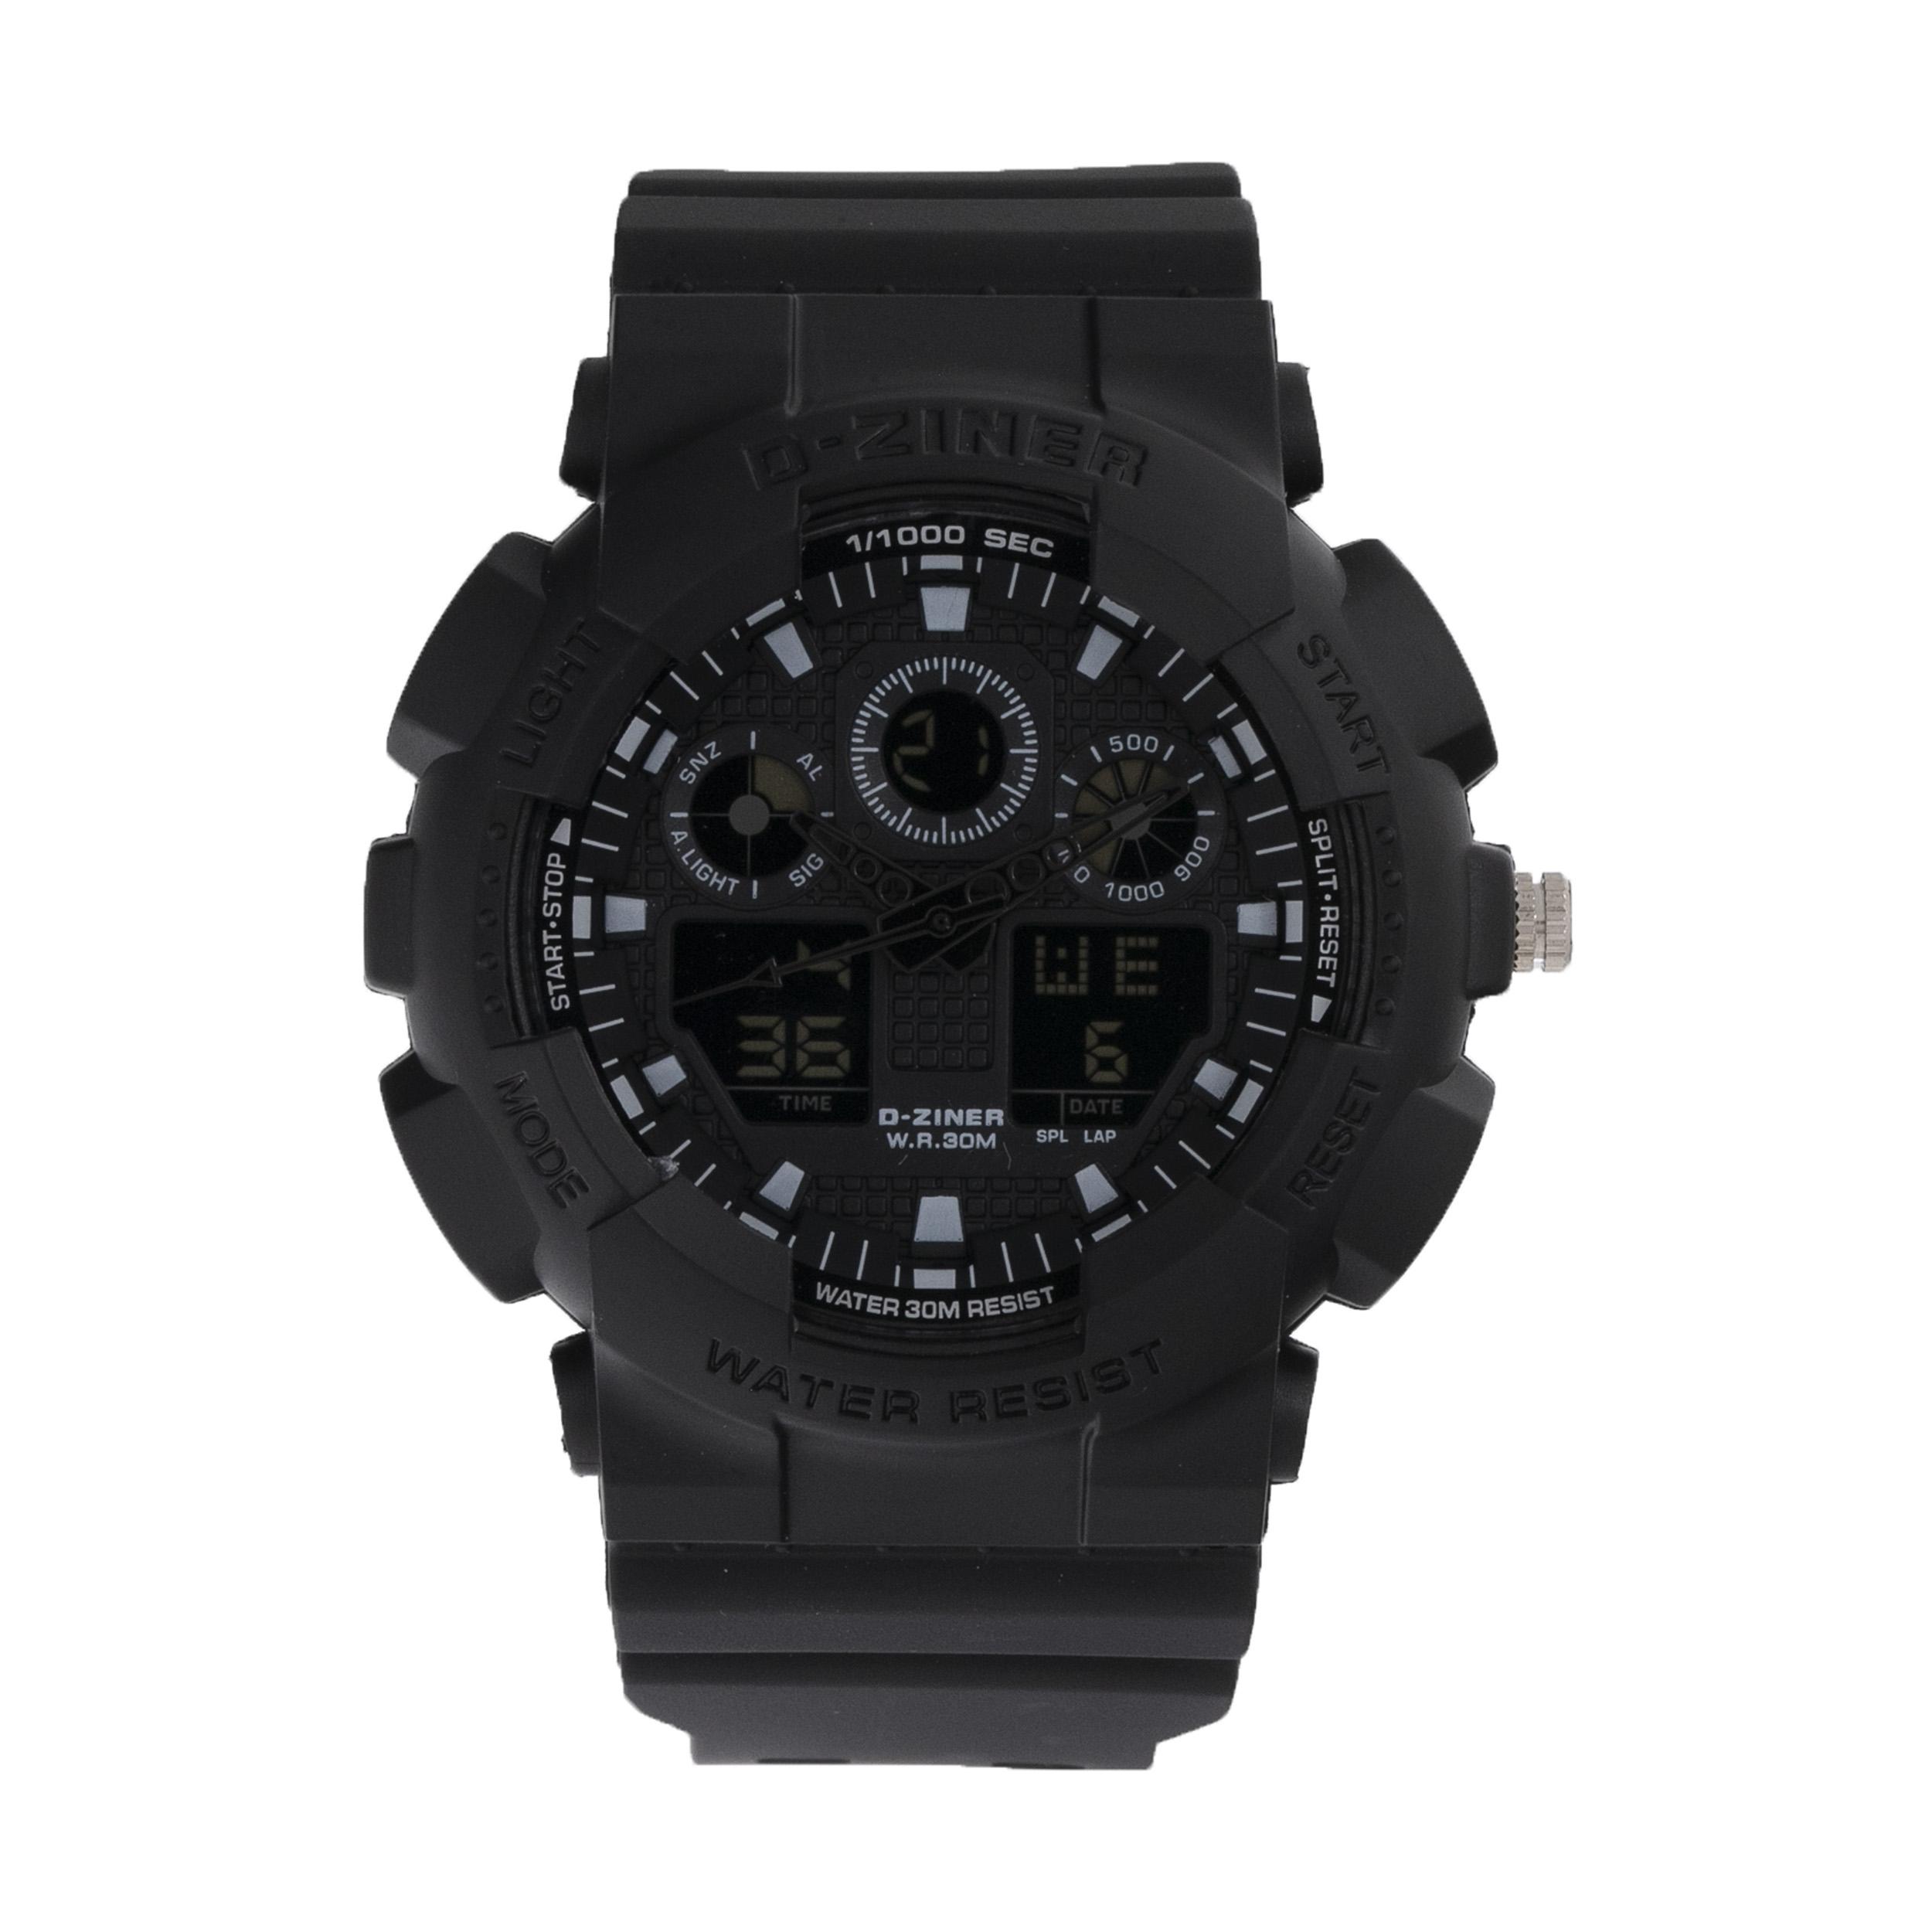 ساعت مچی عقربه ای مردانه دیزاینر مدل D-Z7050 19